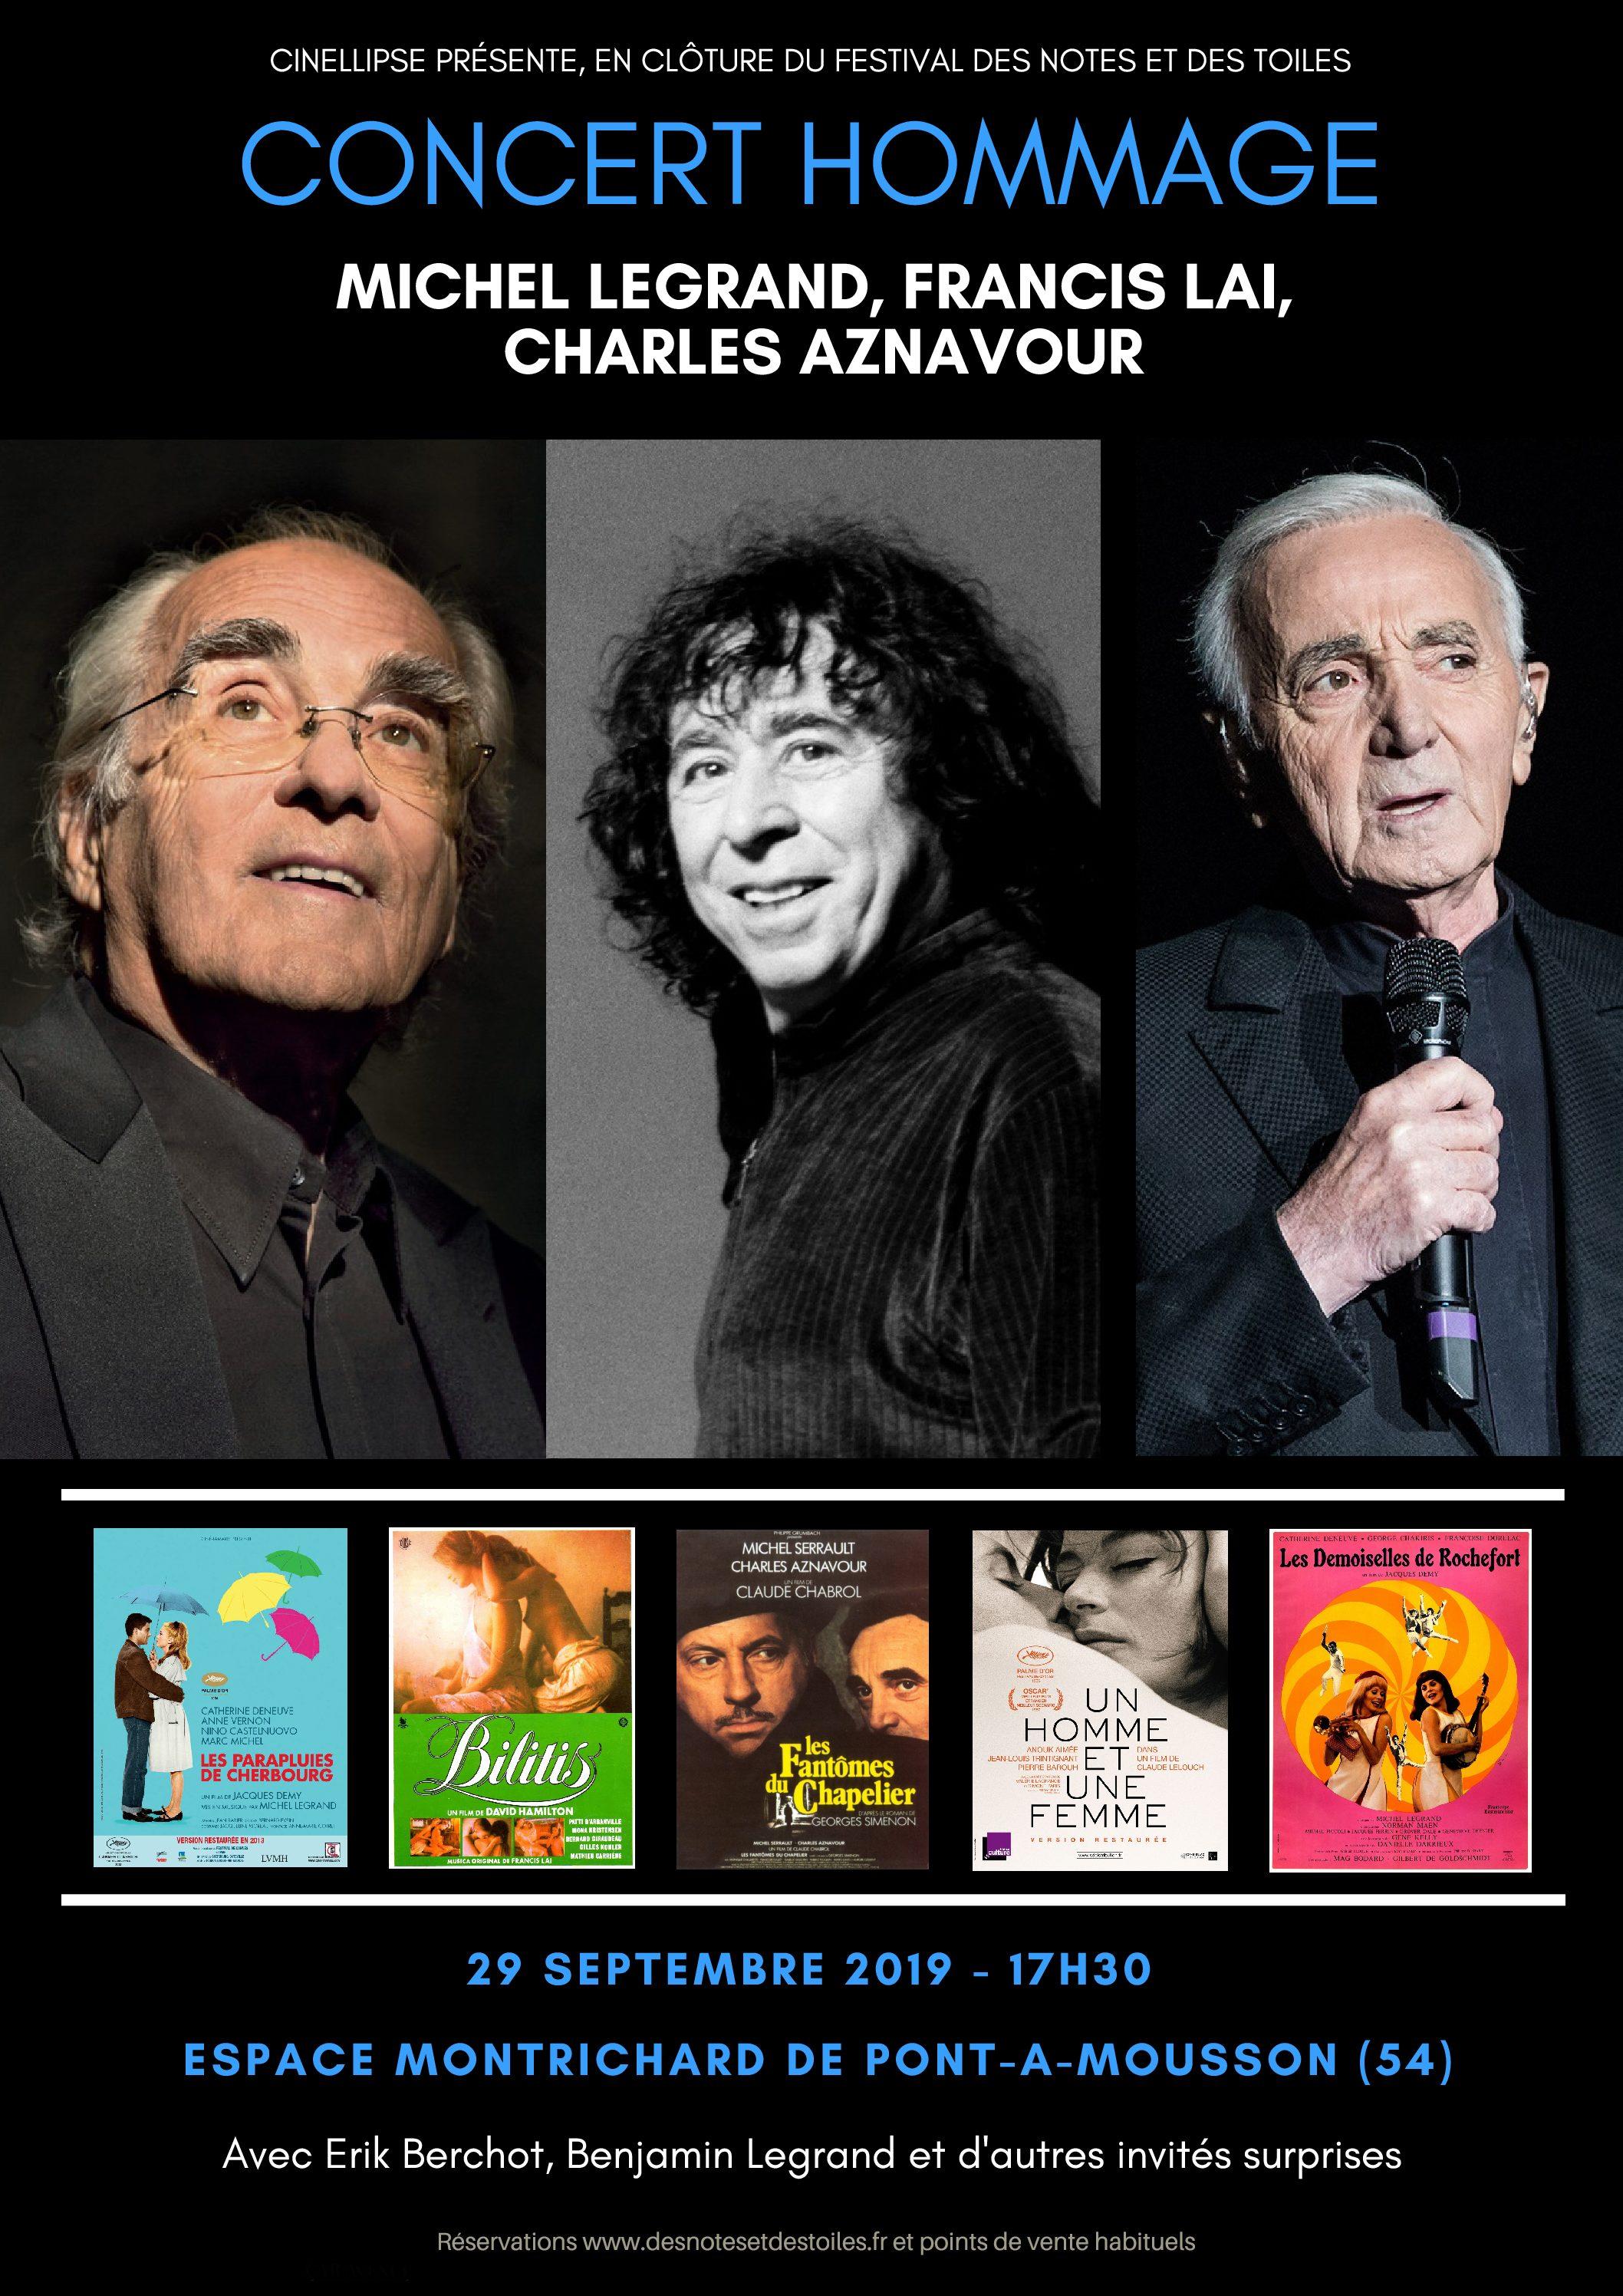 LE-concert-hommage-Michel-legrand-charles-aznavour-francis-lai-pdf.jpg